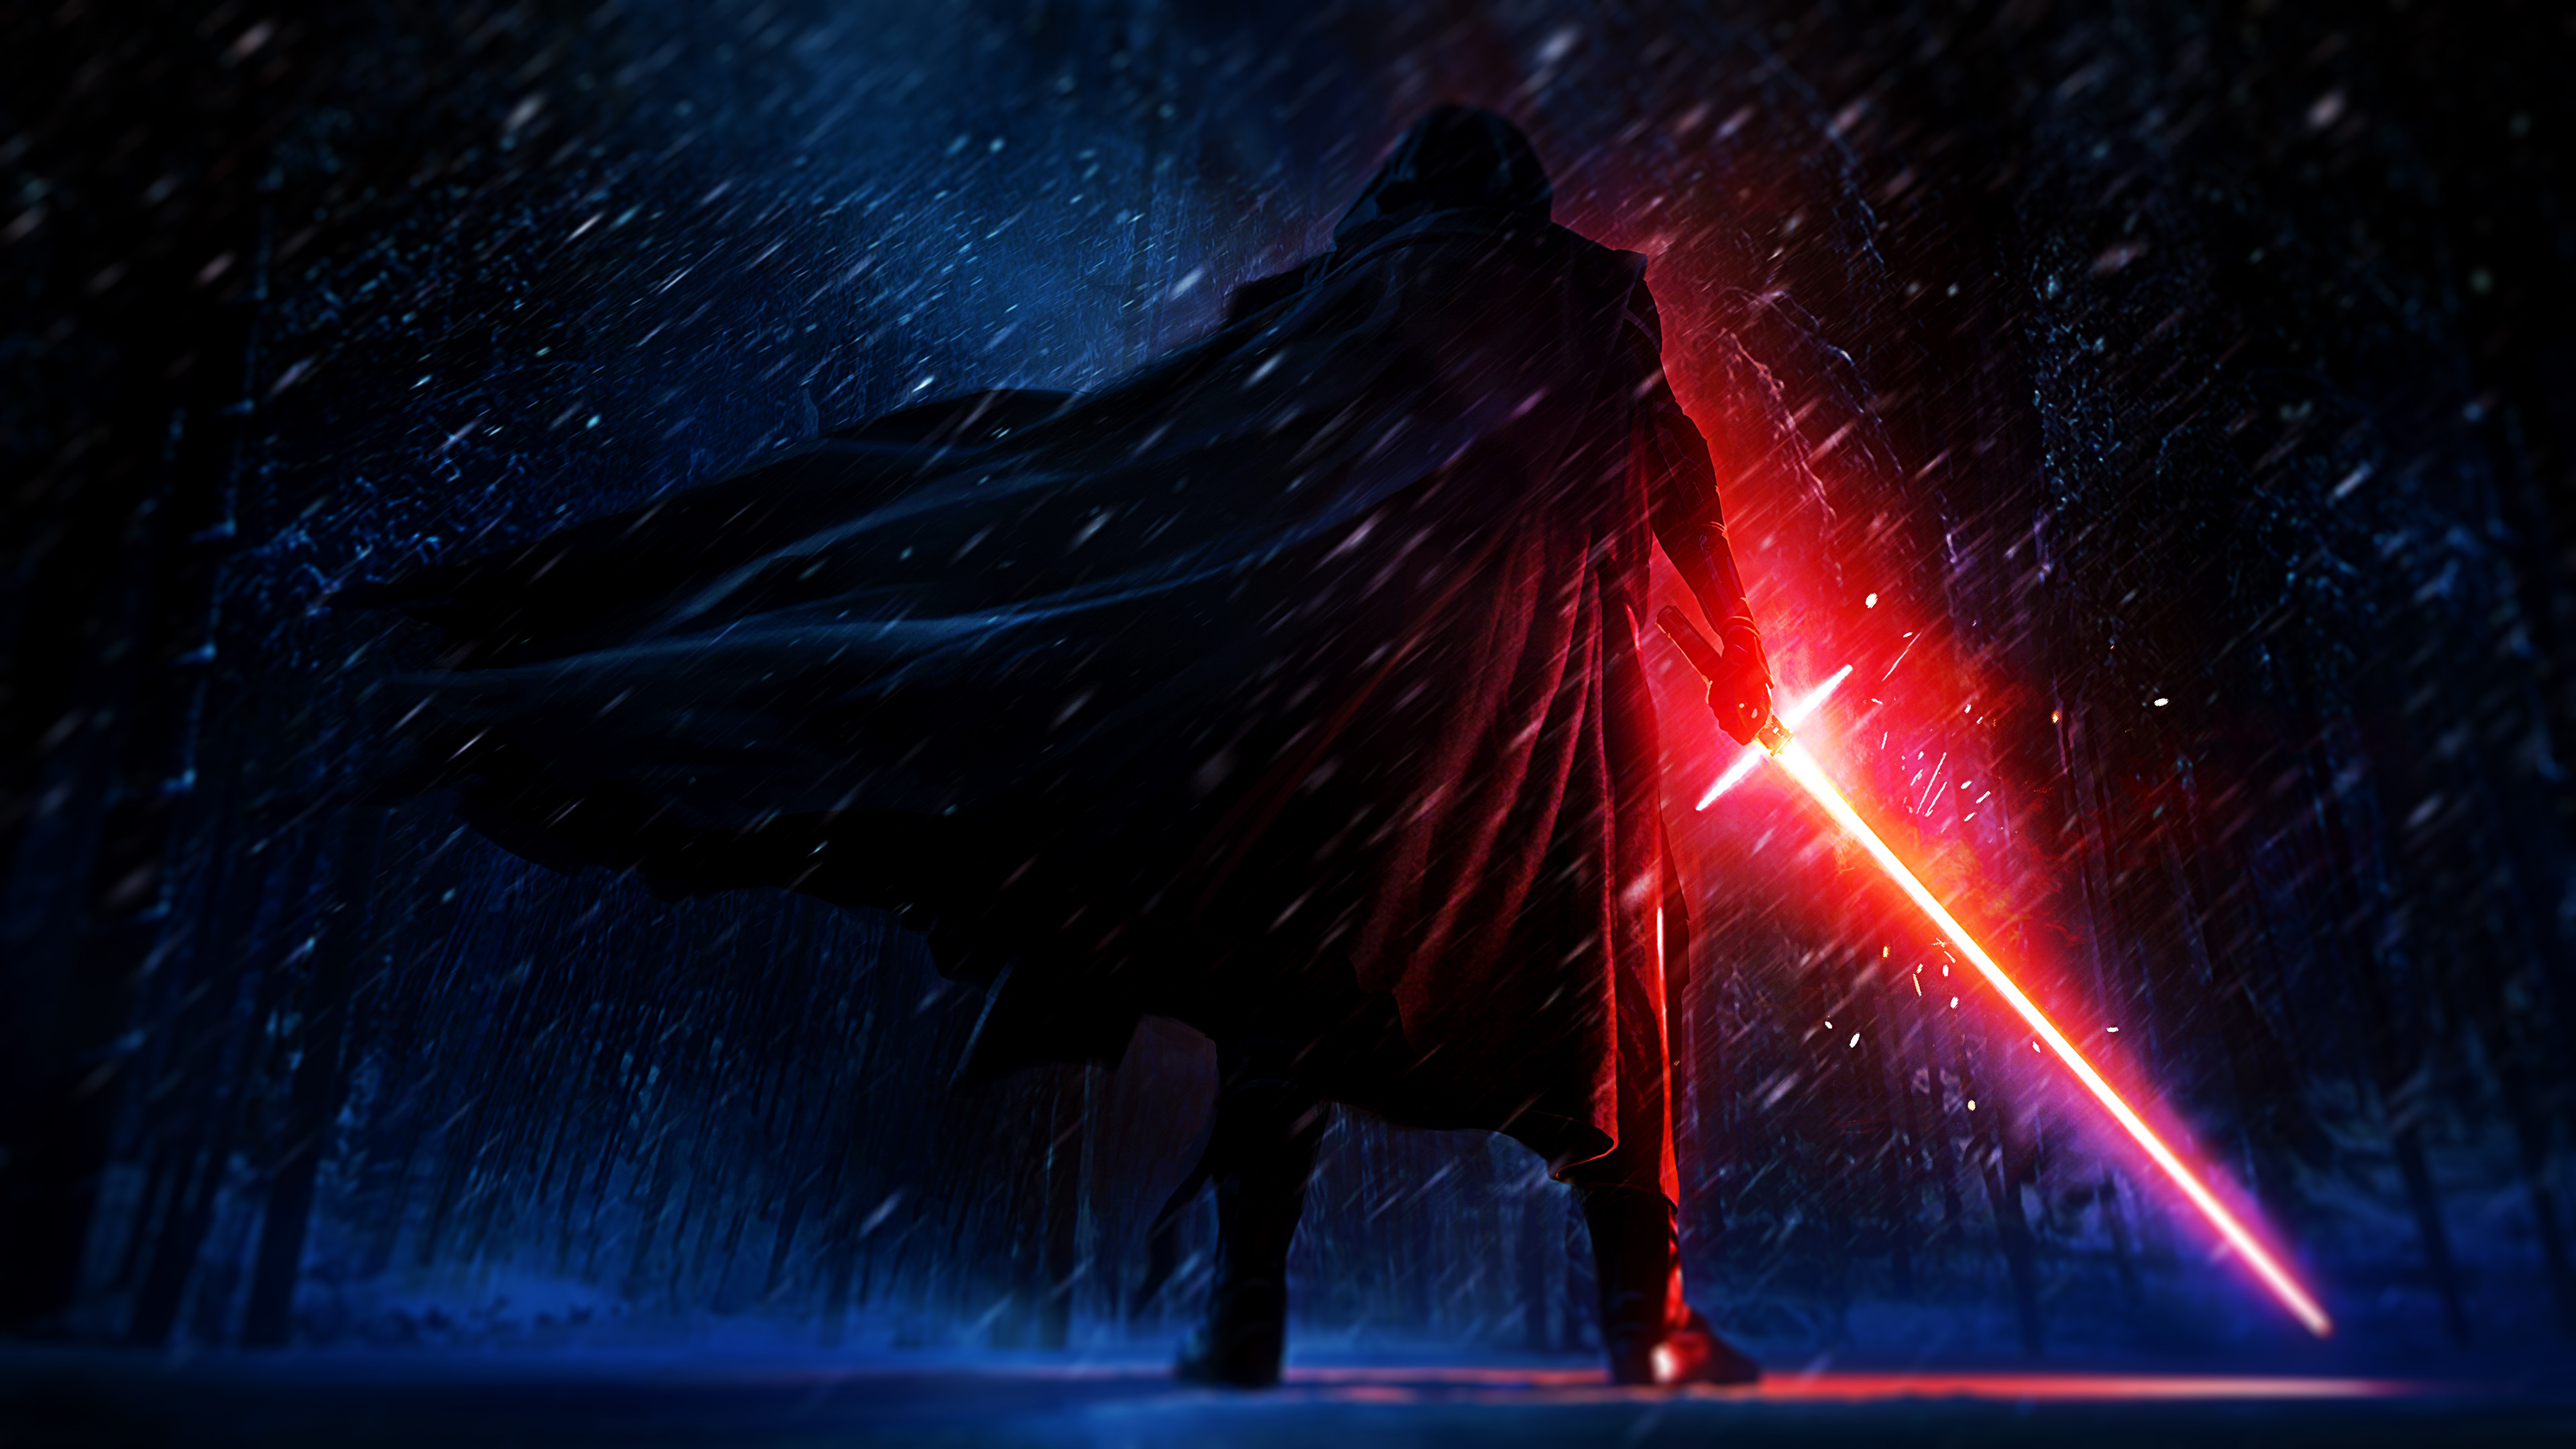 4k Kylo Ren – Star Wars – Artwork [Wallpaper] by NicolasLFBV on .